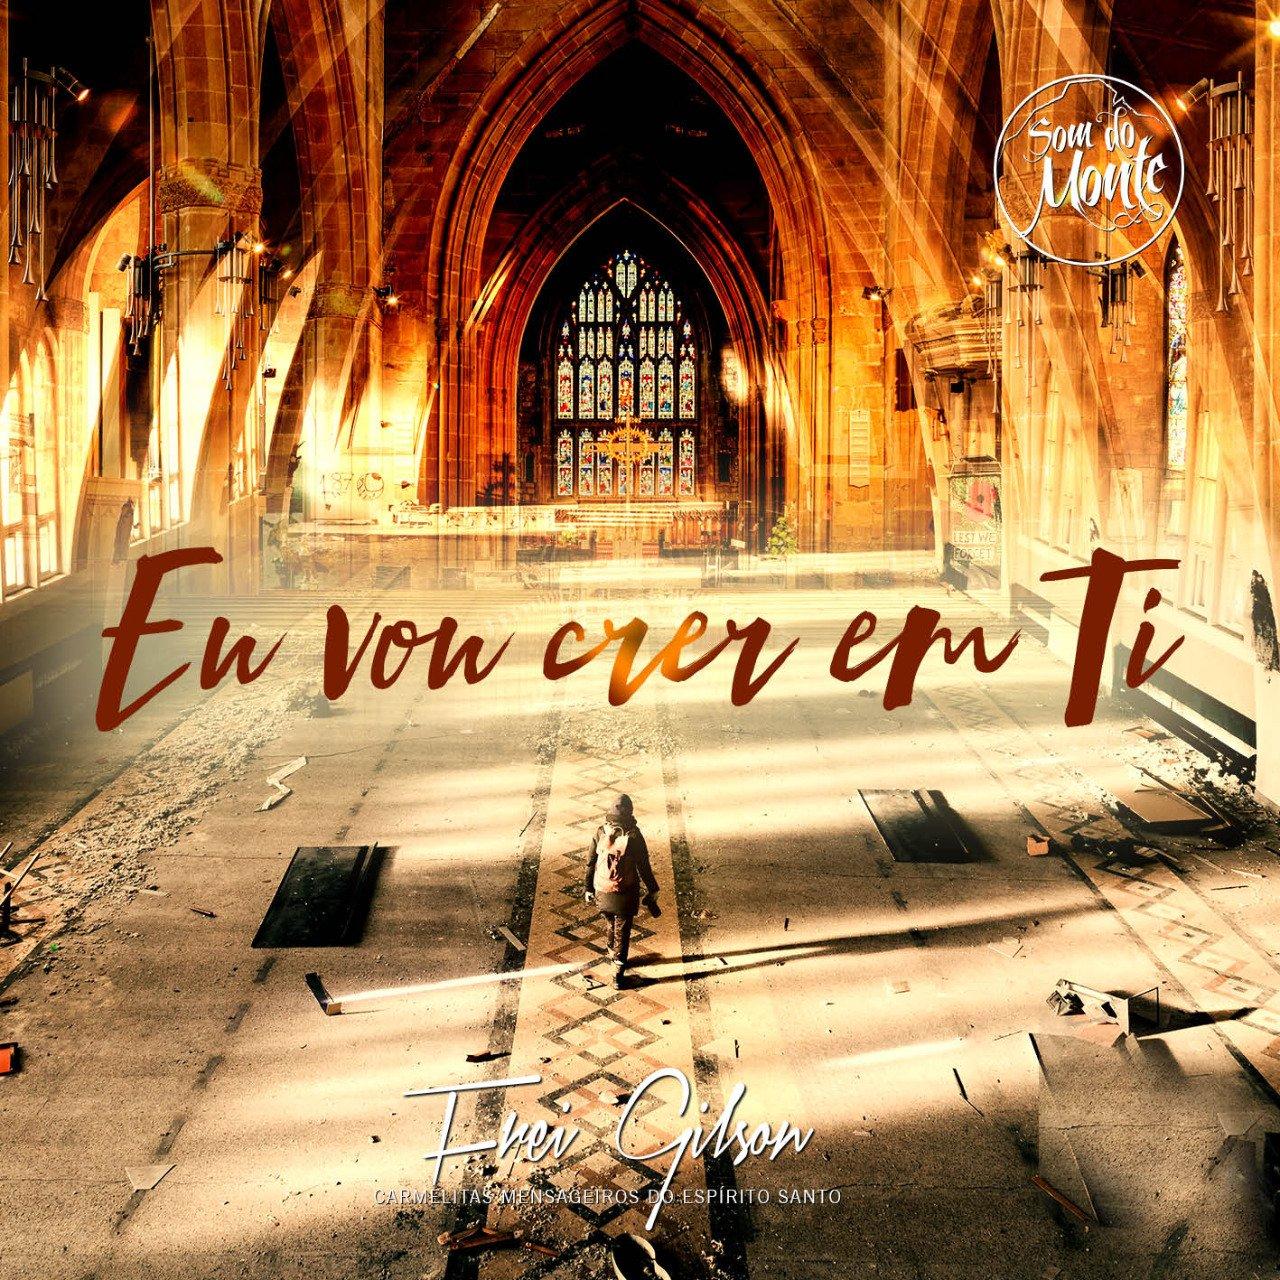 CD - Eu Vou Crer em Ti - Som do Monte - Carmelitas